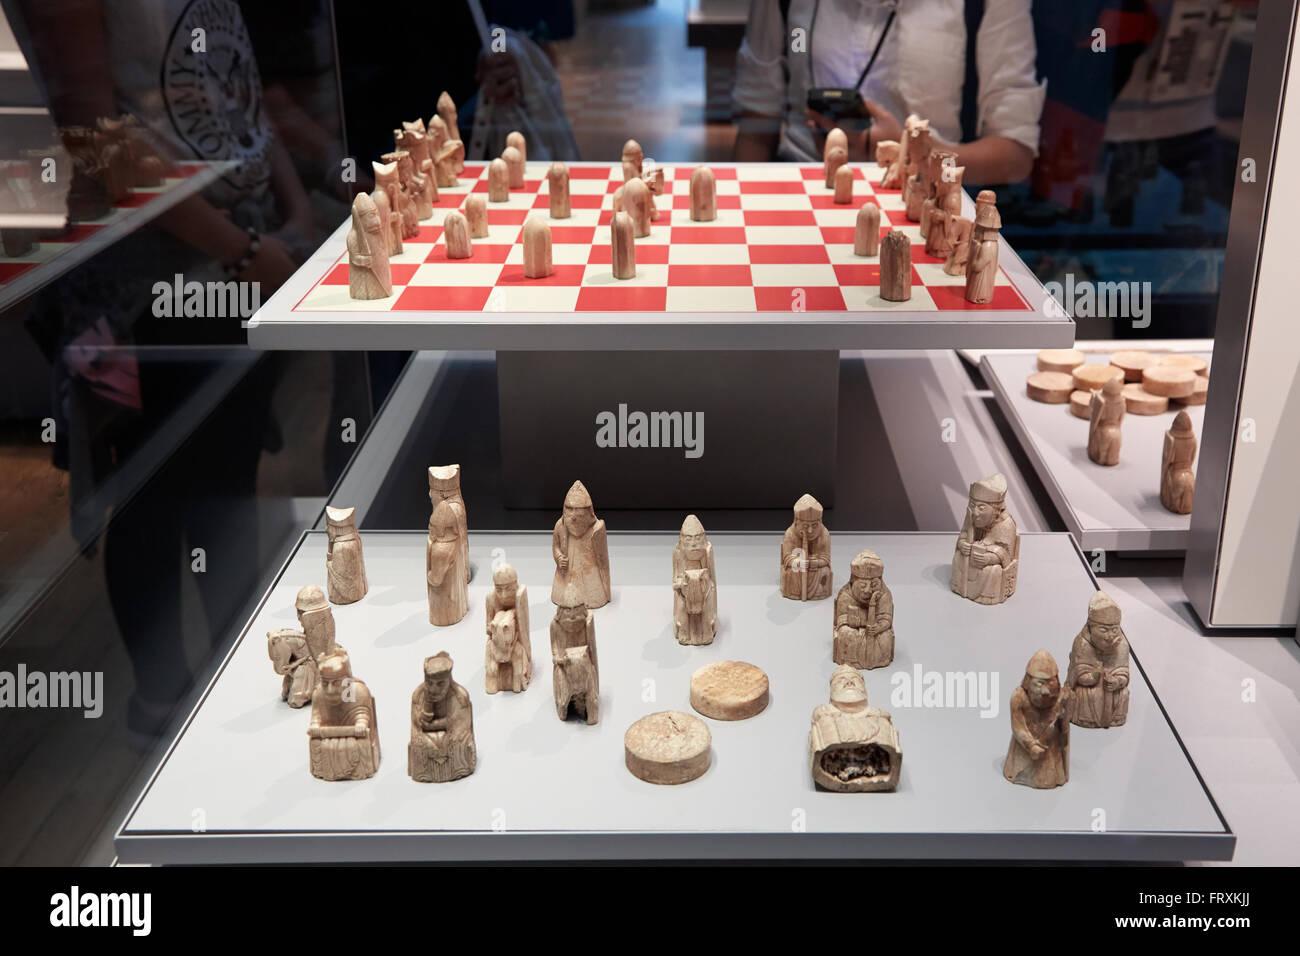 Scacchi di Lewis, avorio di tricheco scacchi pezzi nel British Museum Collection di Londra Immagini Stock